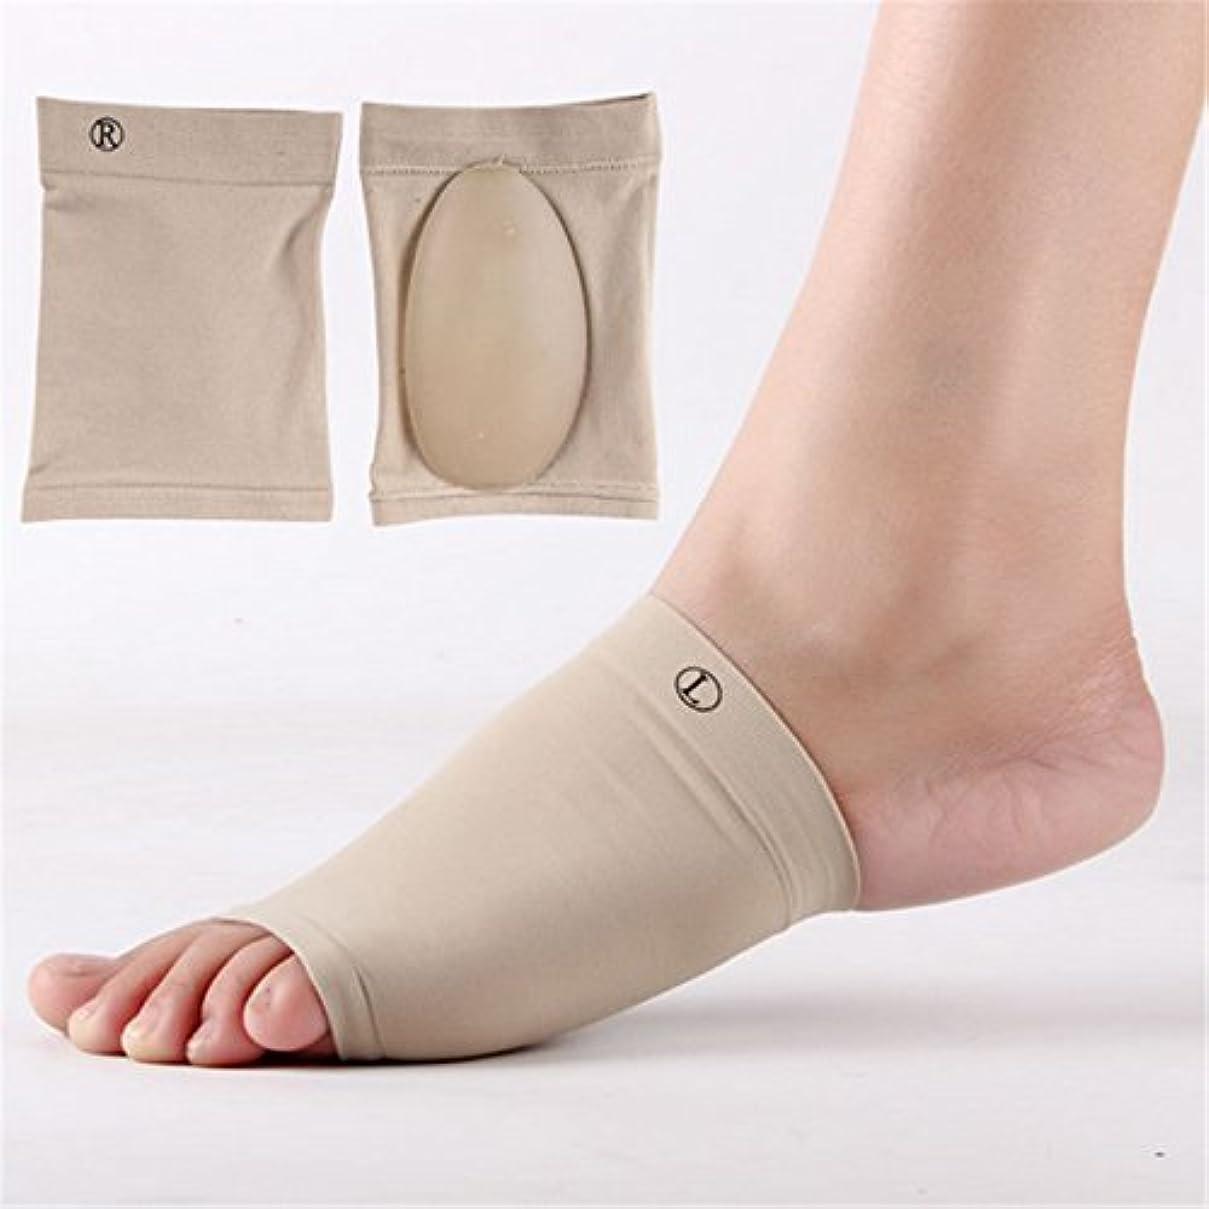 フォークシャー失望Lorny(TM)1Pairジェル足底筋膜炎アーチサポートスリーブアーチソックスかかとクッションフラット足の整形外科靴パッドフットケア [並行輸入品]